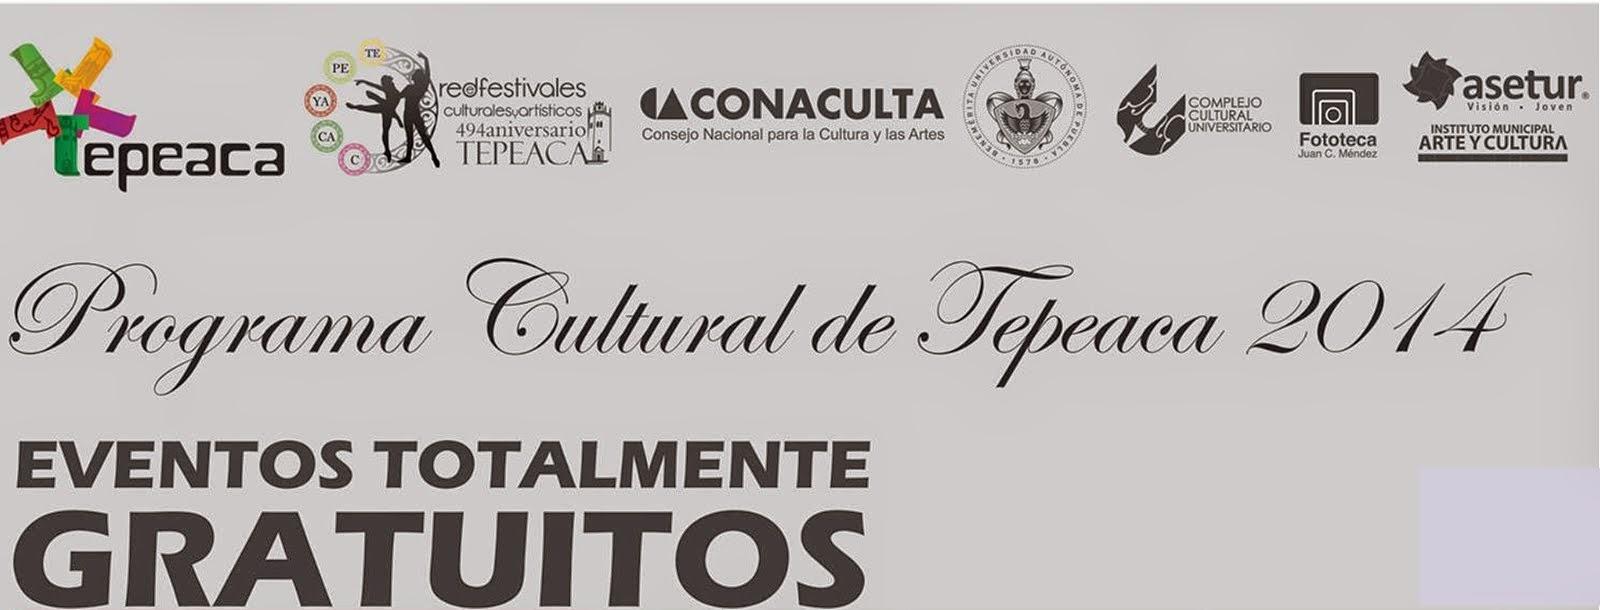 EVENTOS CULTURALES TEPEACA 2014